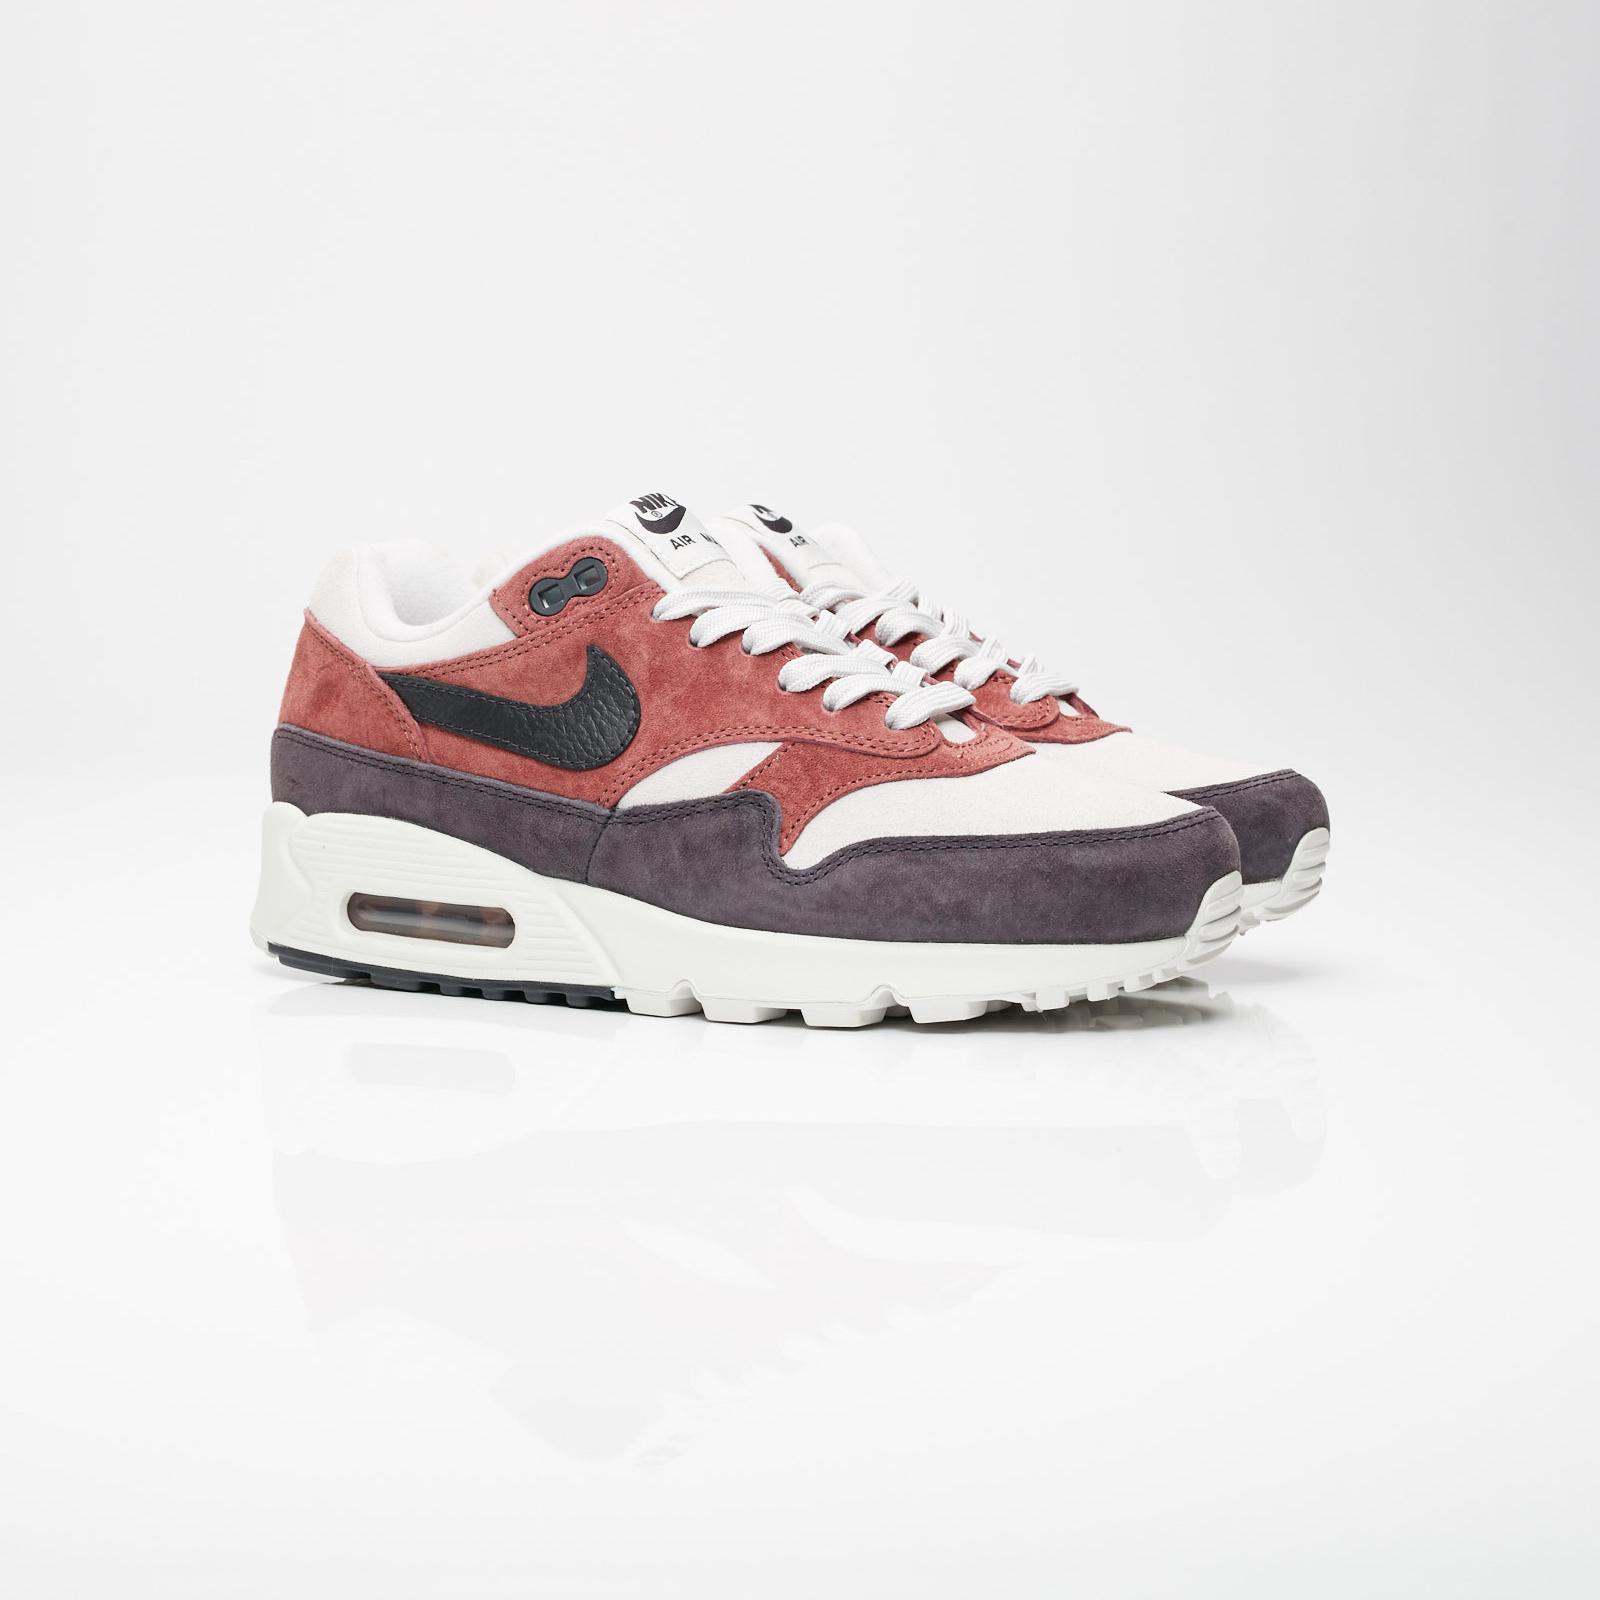 Nya produkter på fötter bilder av senast Nike Wmns Air Max 90/1 - Aq1273-200 - Sneakersnstuff | sneakers ...